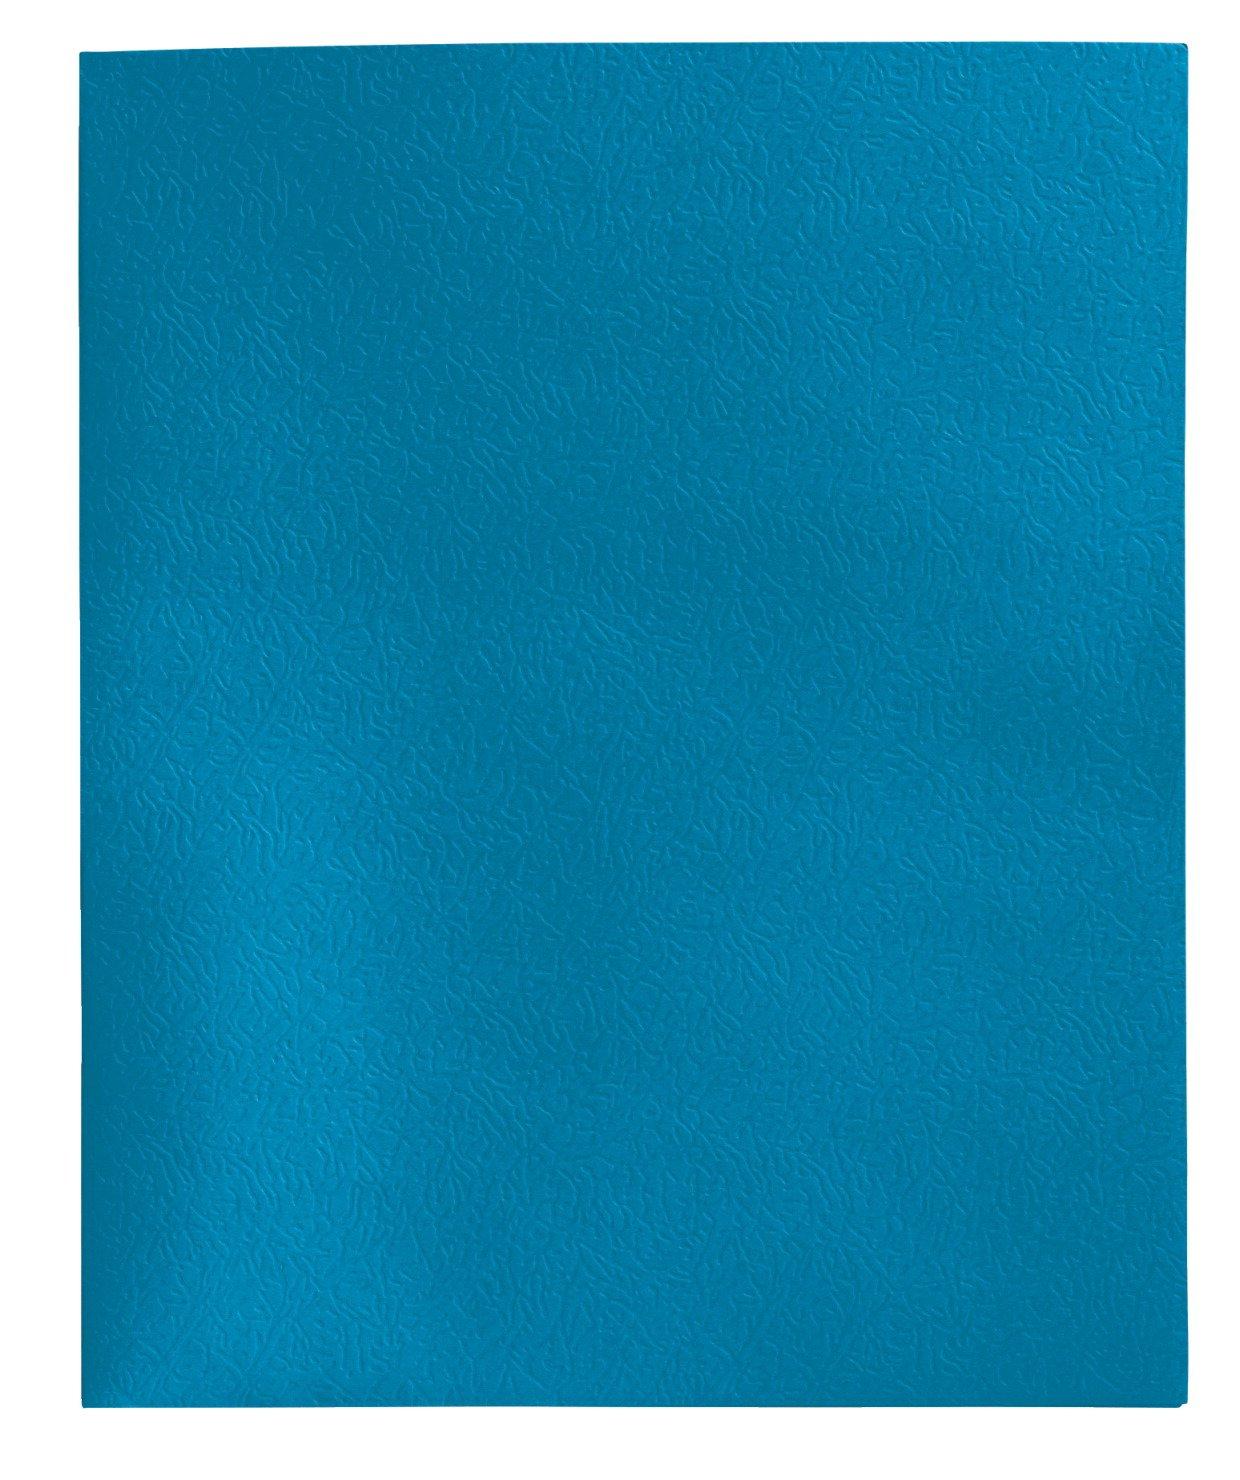 School Smart 84893 Heavy Duty 2 Pocket Folder - 8 1/2 x 11 inch - Pack of 25 - Light Blue